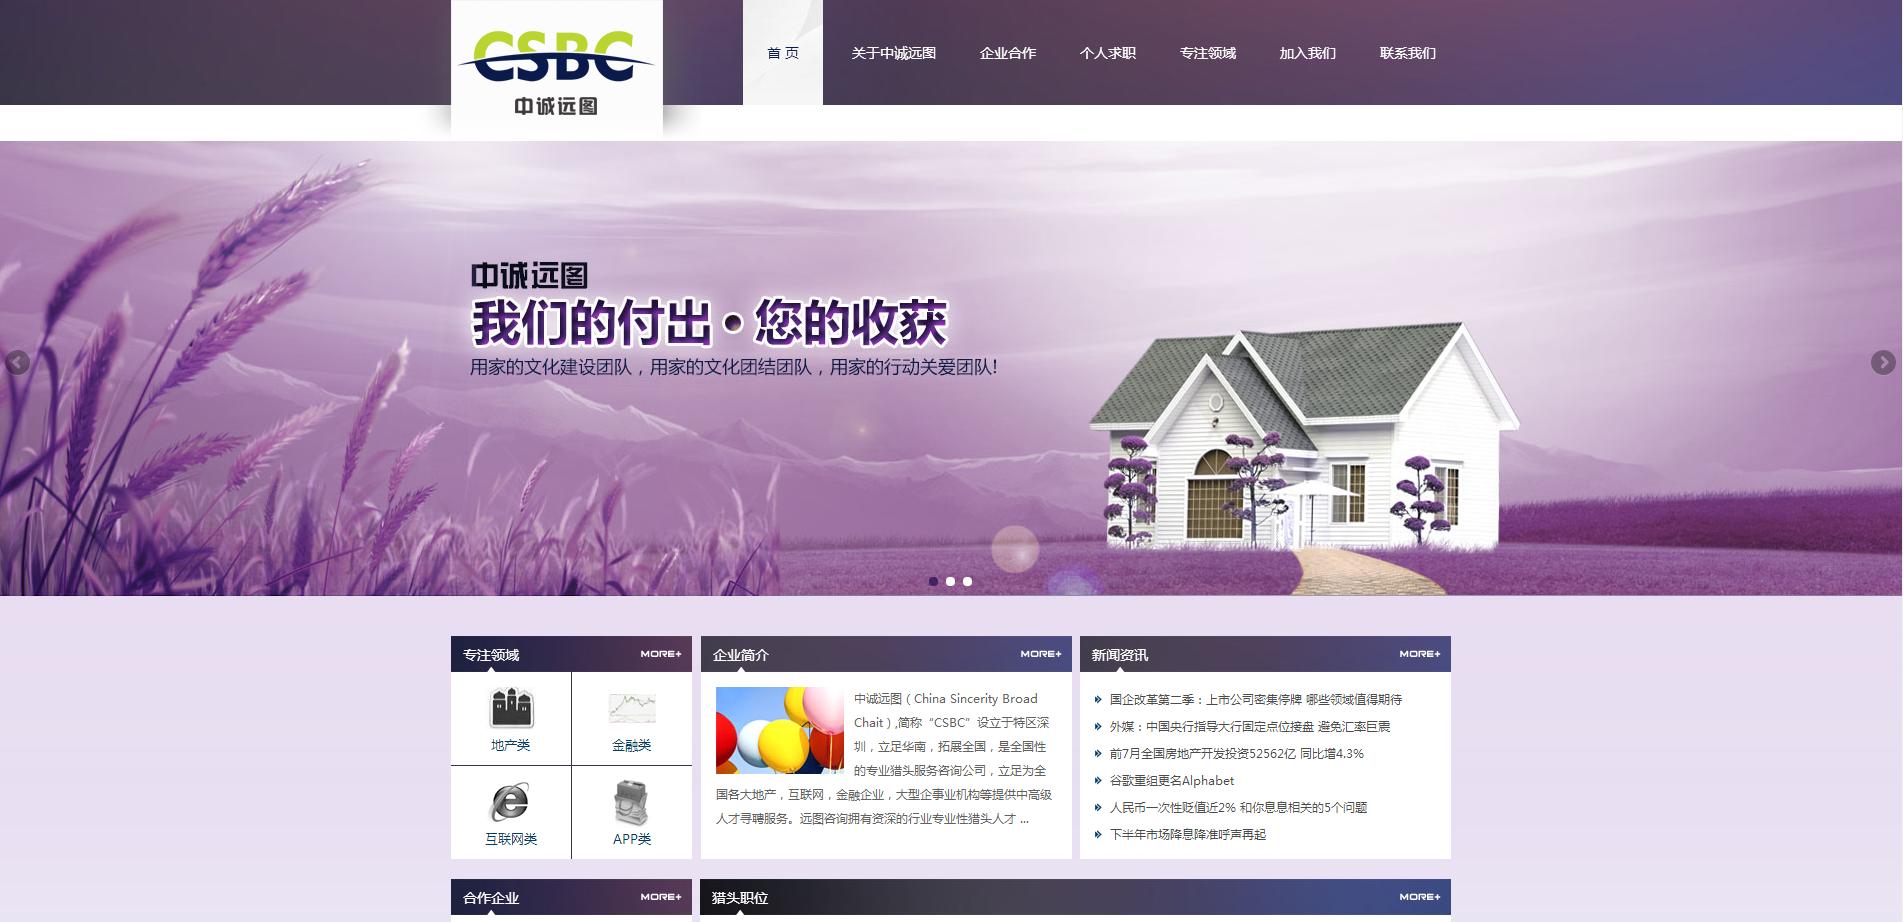 紫色的中诚远图互联网金融静态网站模板